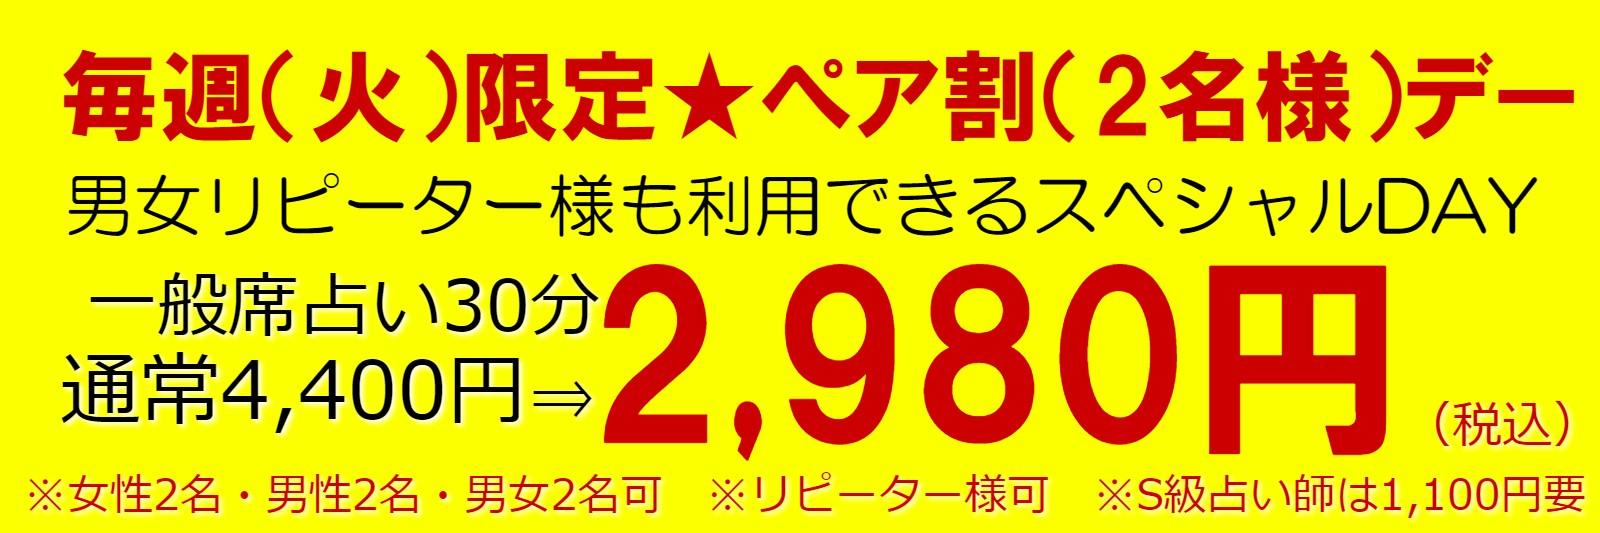 東京渋谷で占い安いなら毎週(火)限定・ペア割デー・男女リピーター様も利用できるスペシャルデーがオススメ!通常占い20分3240円→【1980円】でご案内中!